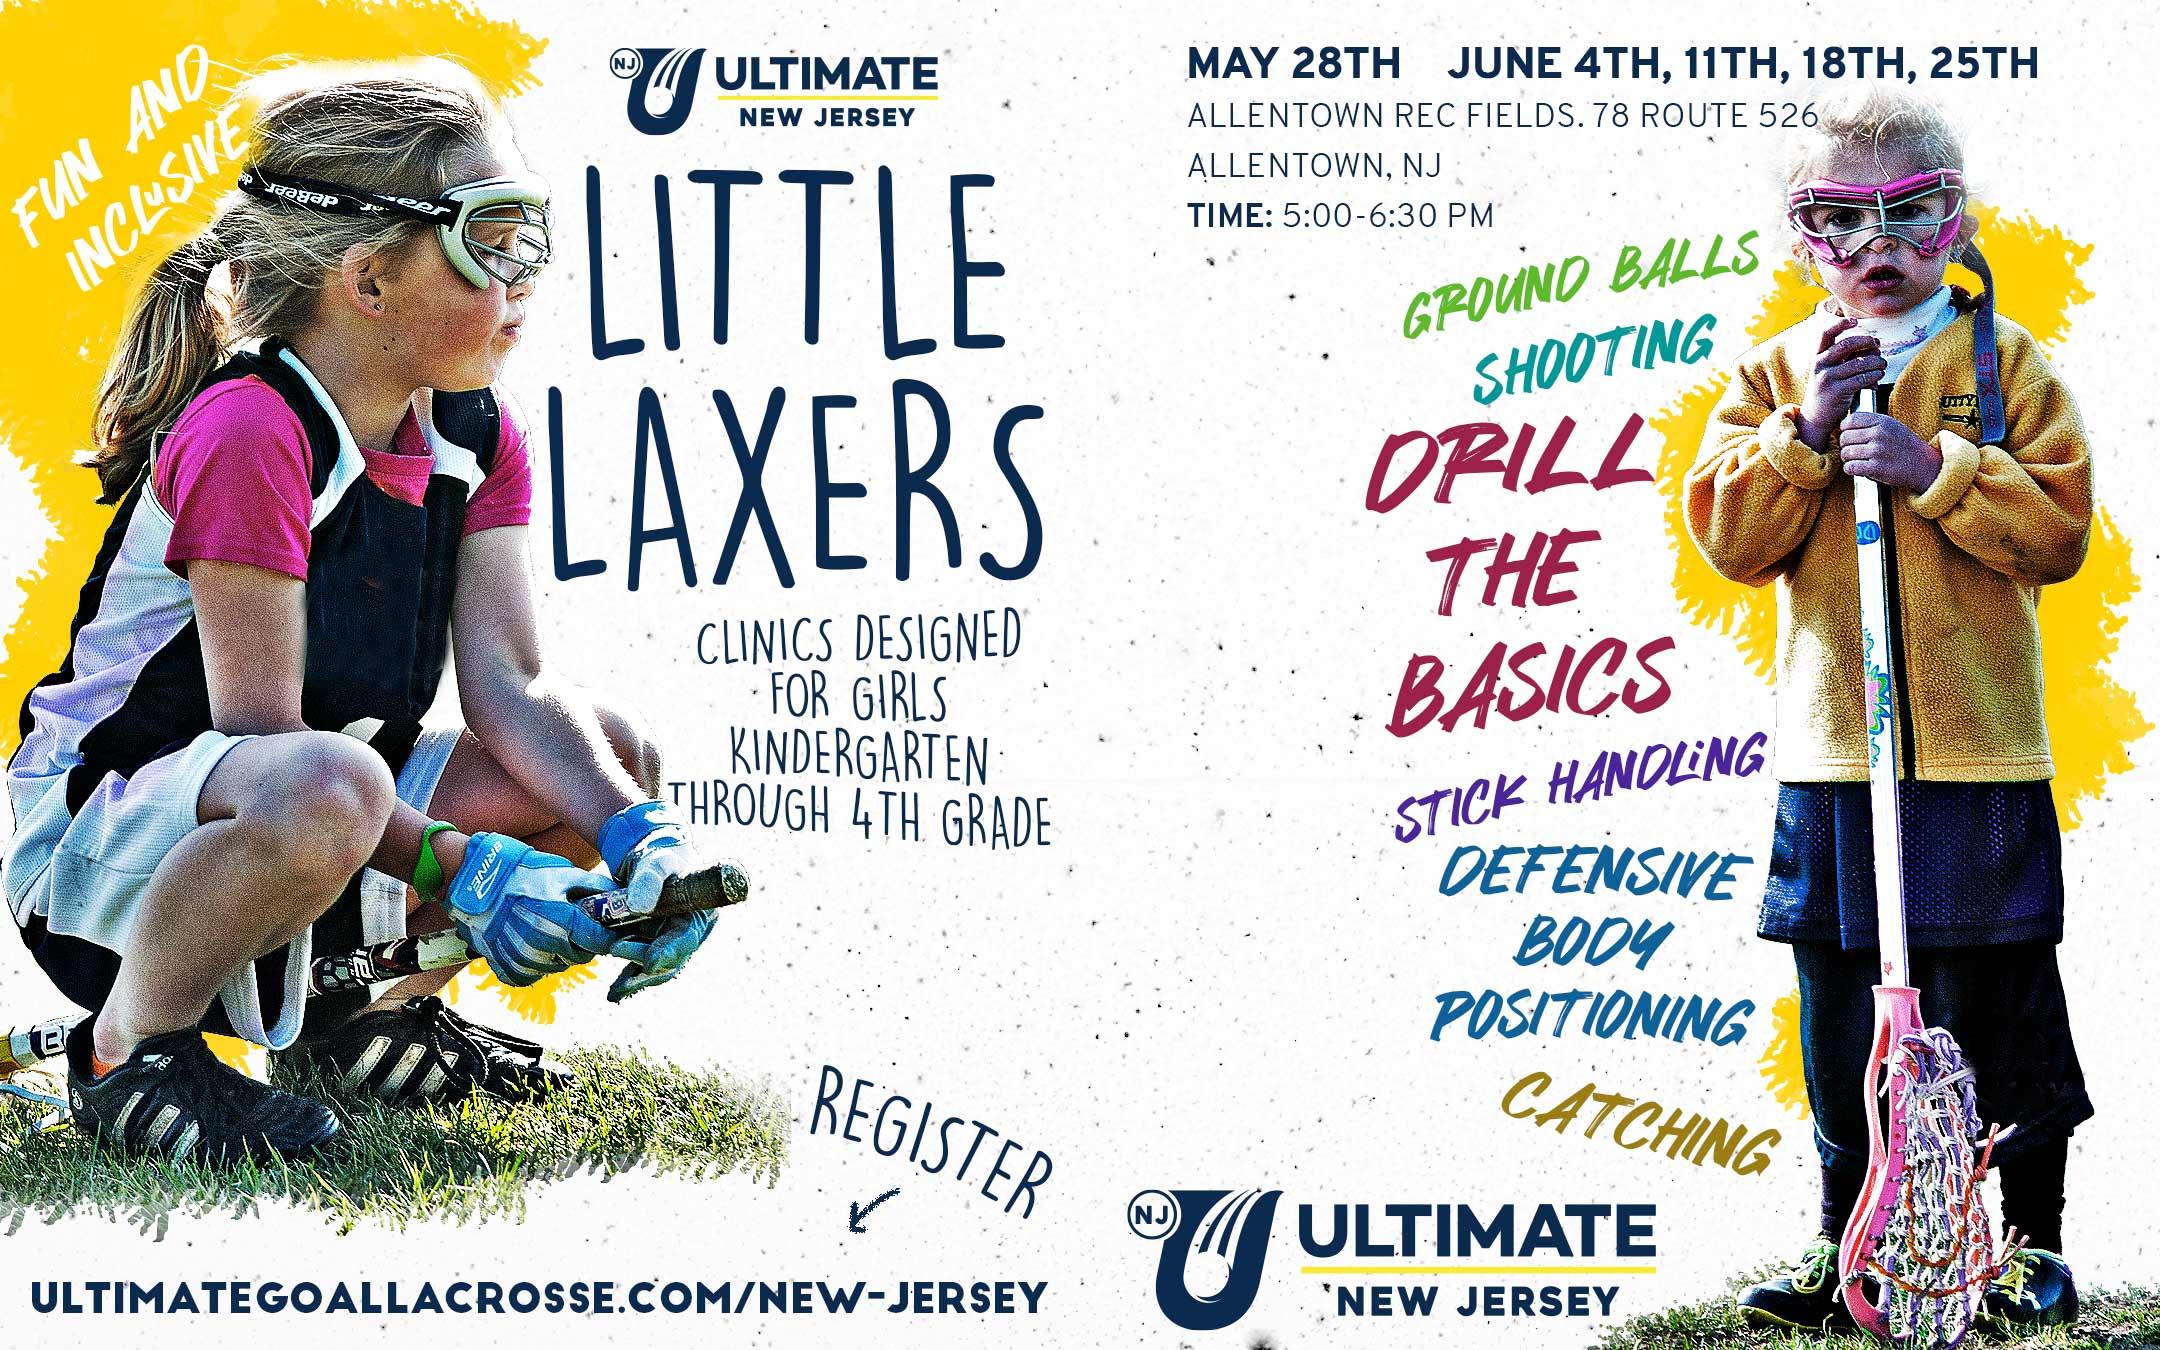 UL-NJ-LittleLaxers